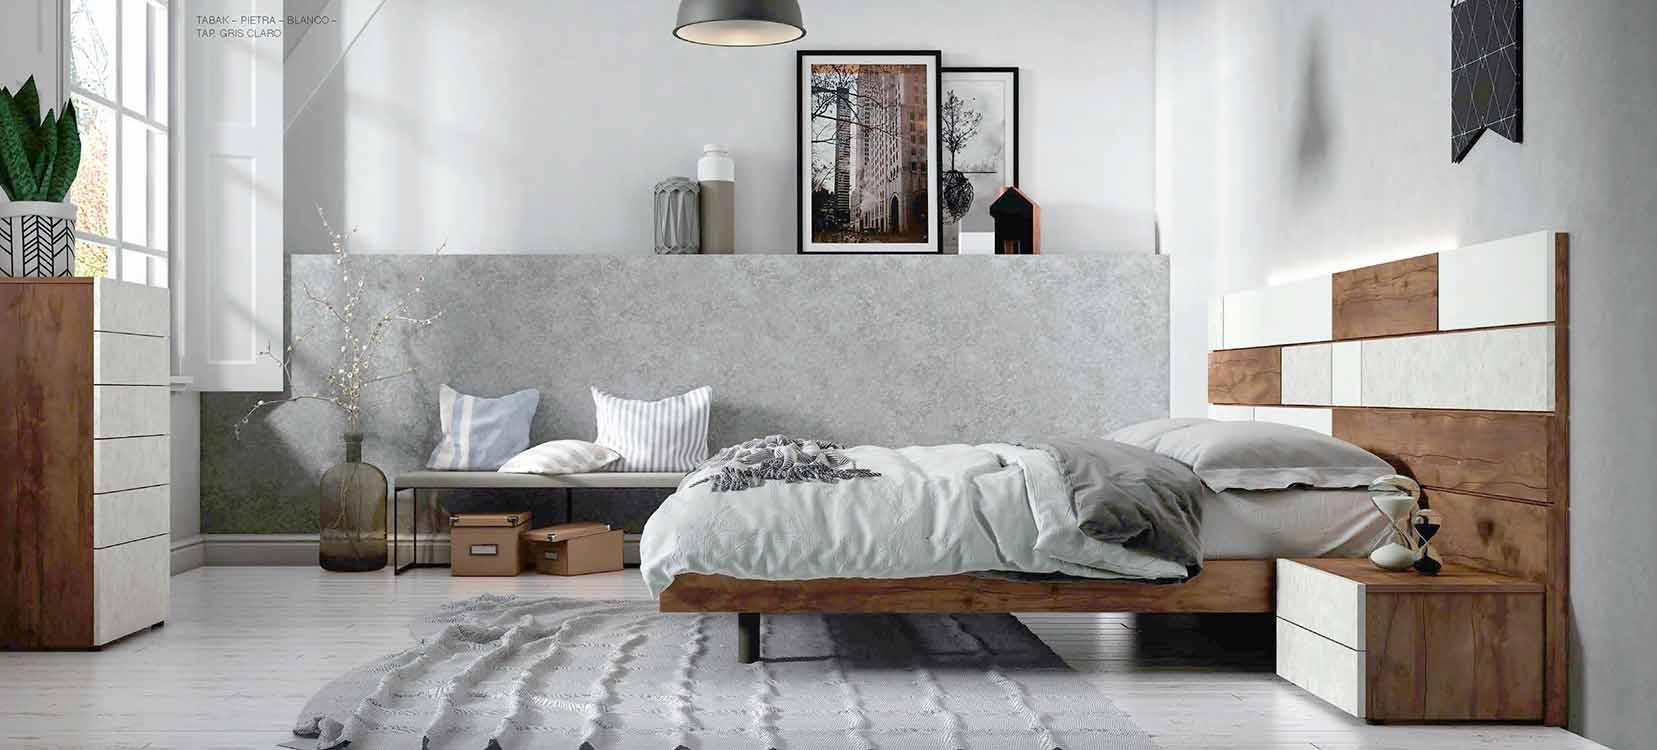 http://www.munozmuebles.net/nueva/catalogo/dormitorios2-2121-azucena-7.jpg -  Conjuntos de muebles a medida